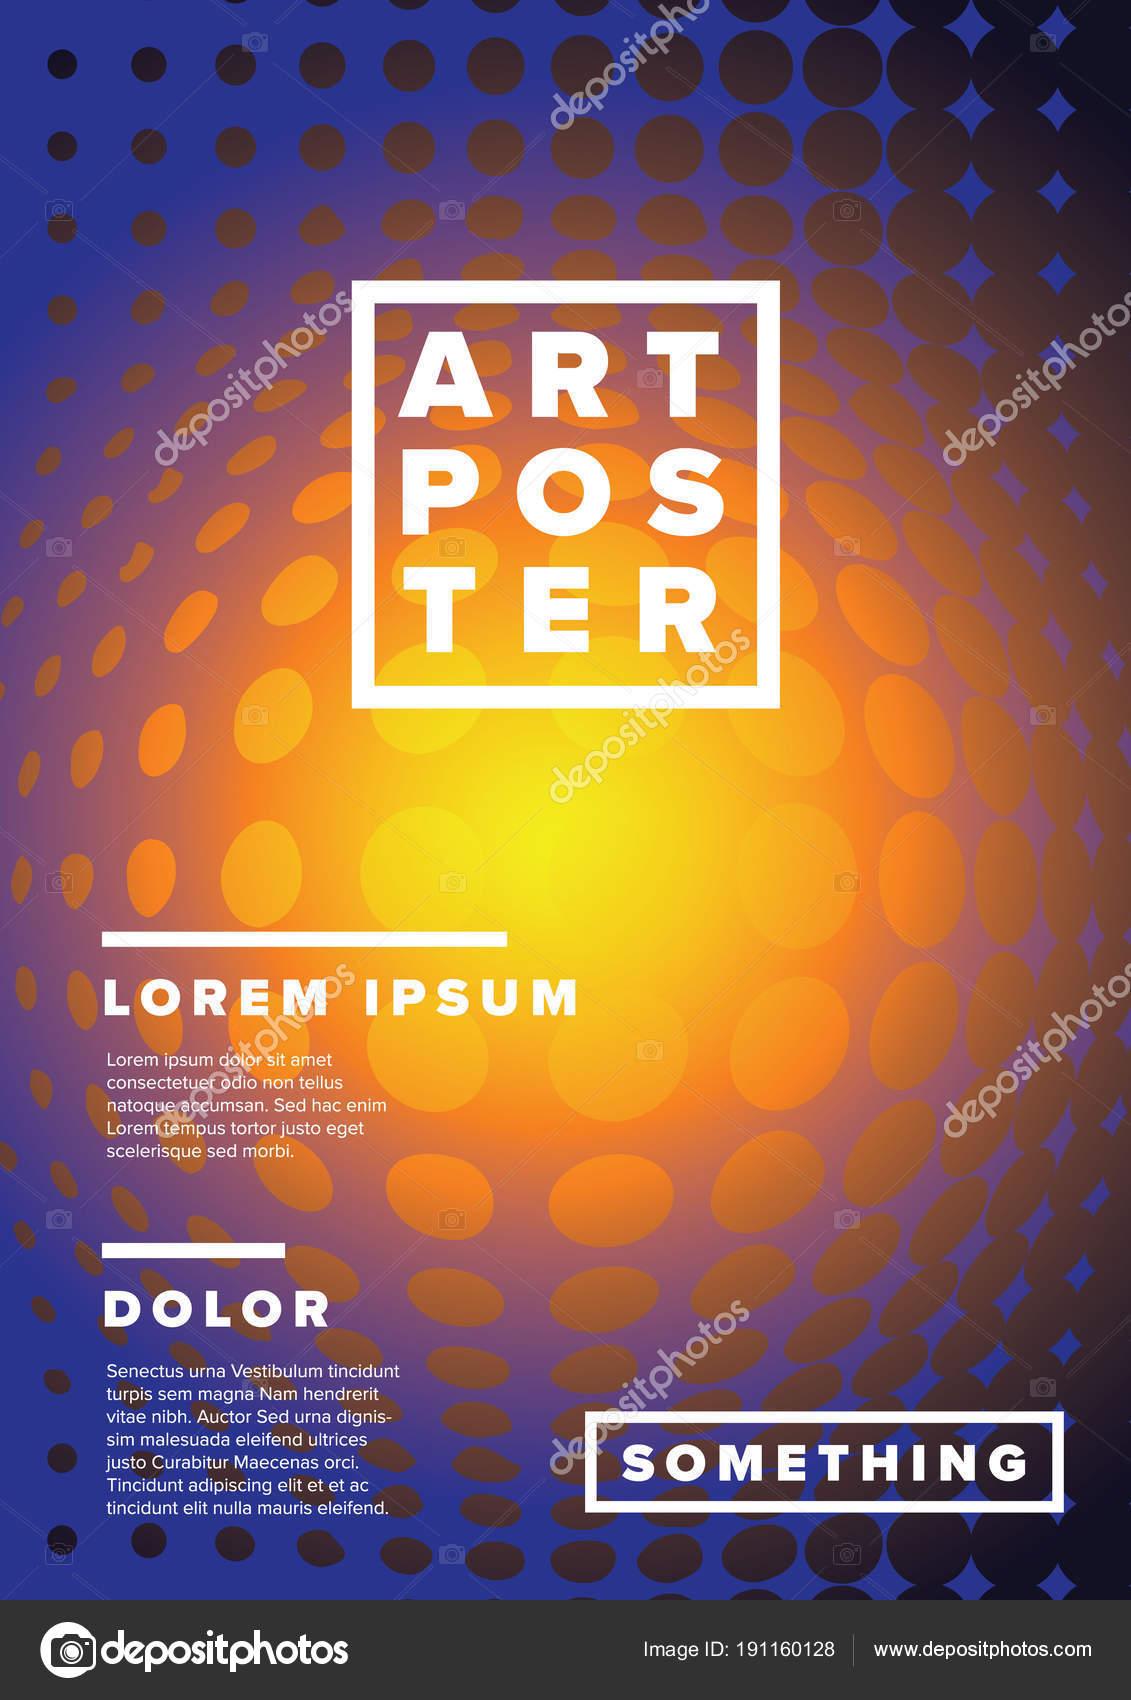 Vectores Modernos Arte Poster Plantilla Para Partido Exposición ...